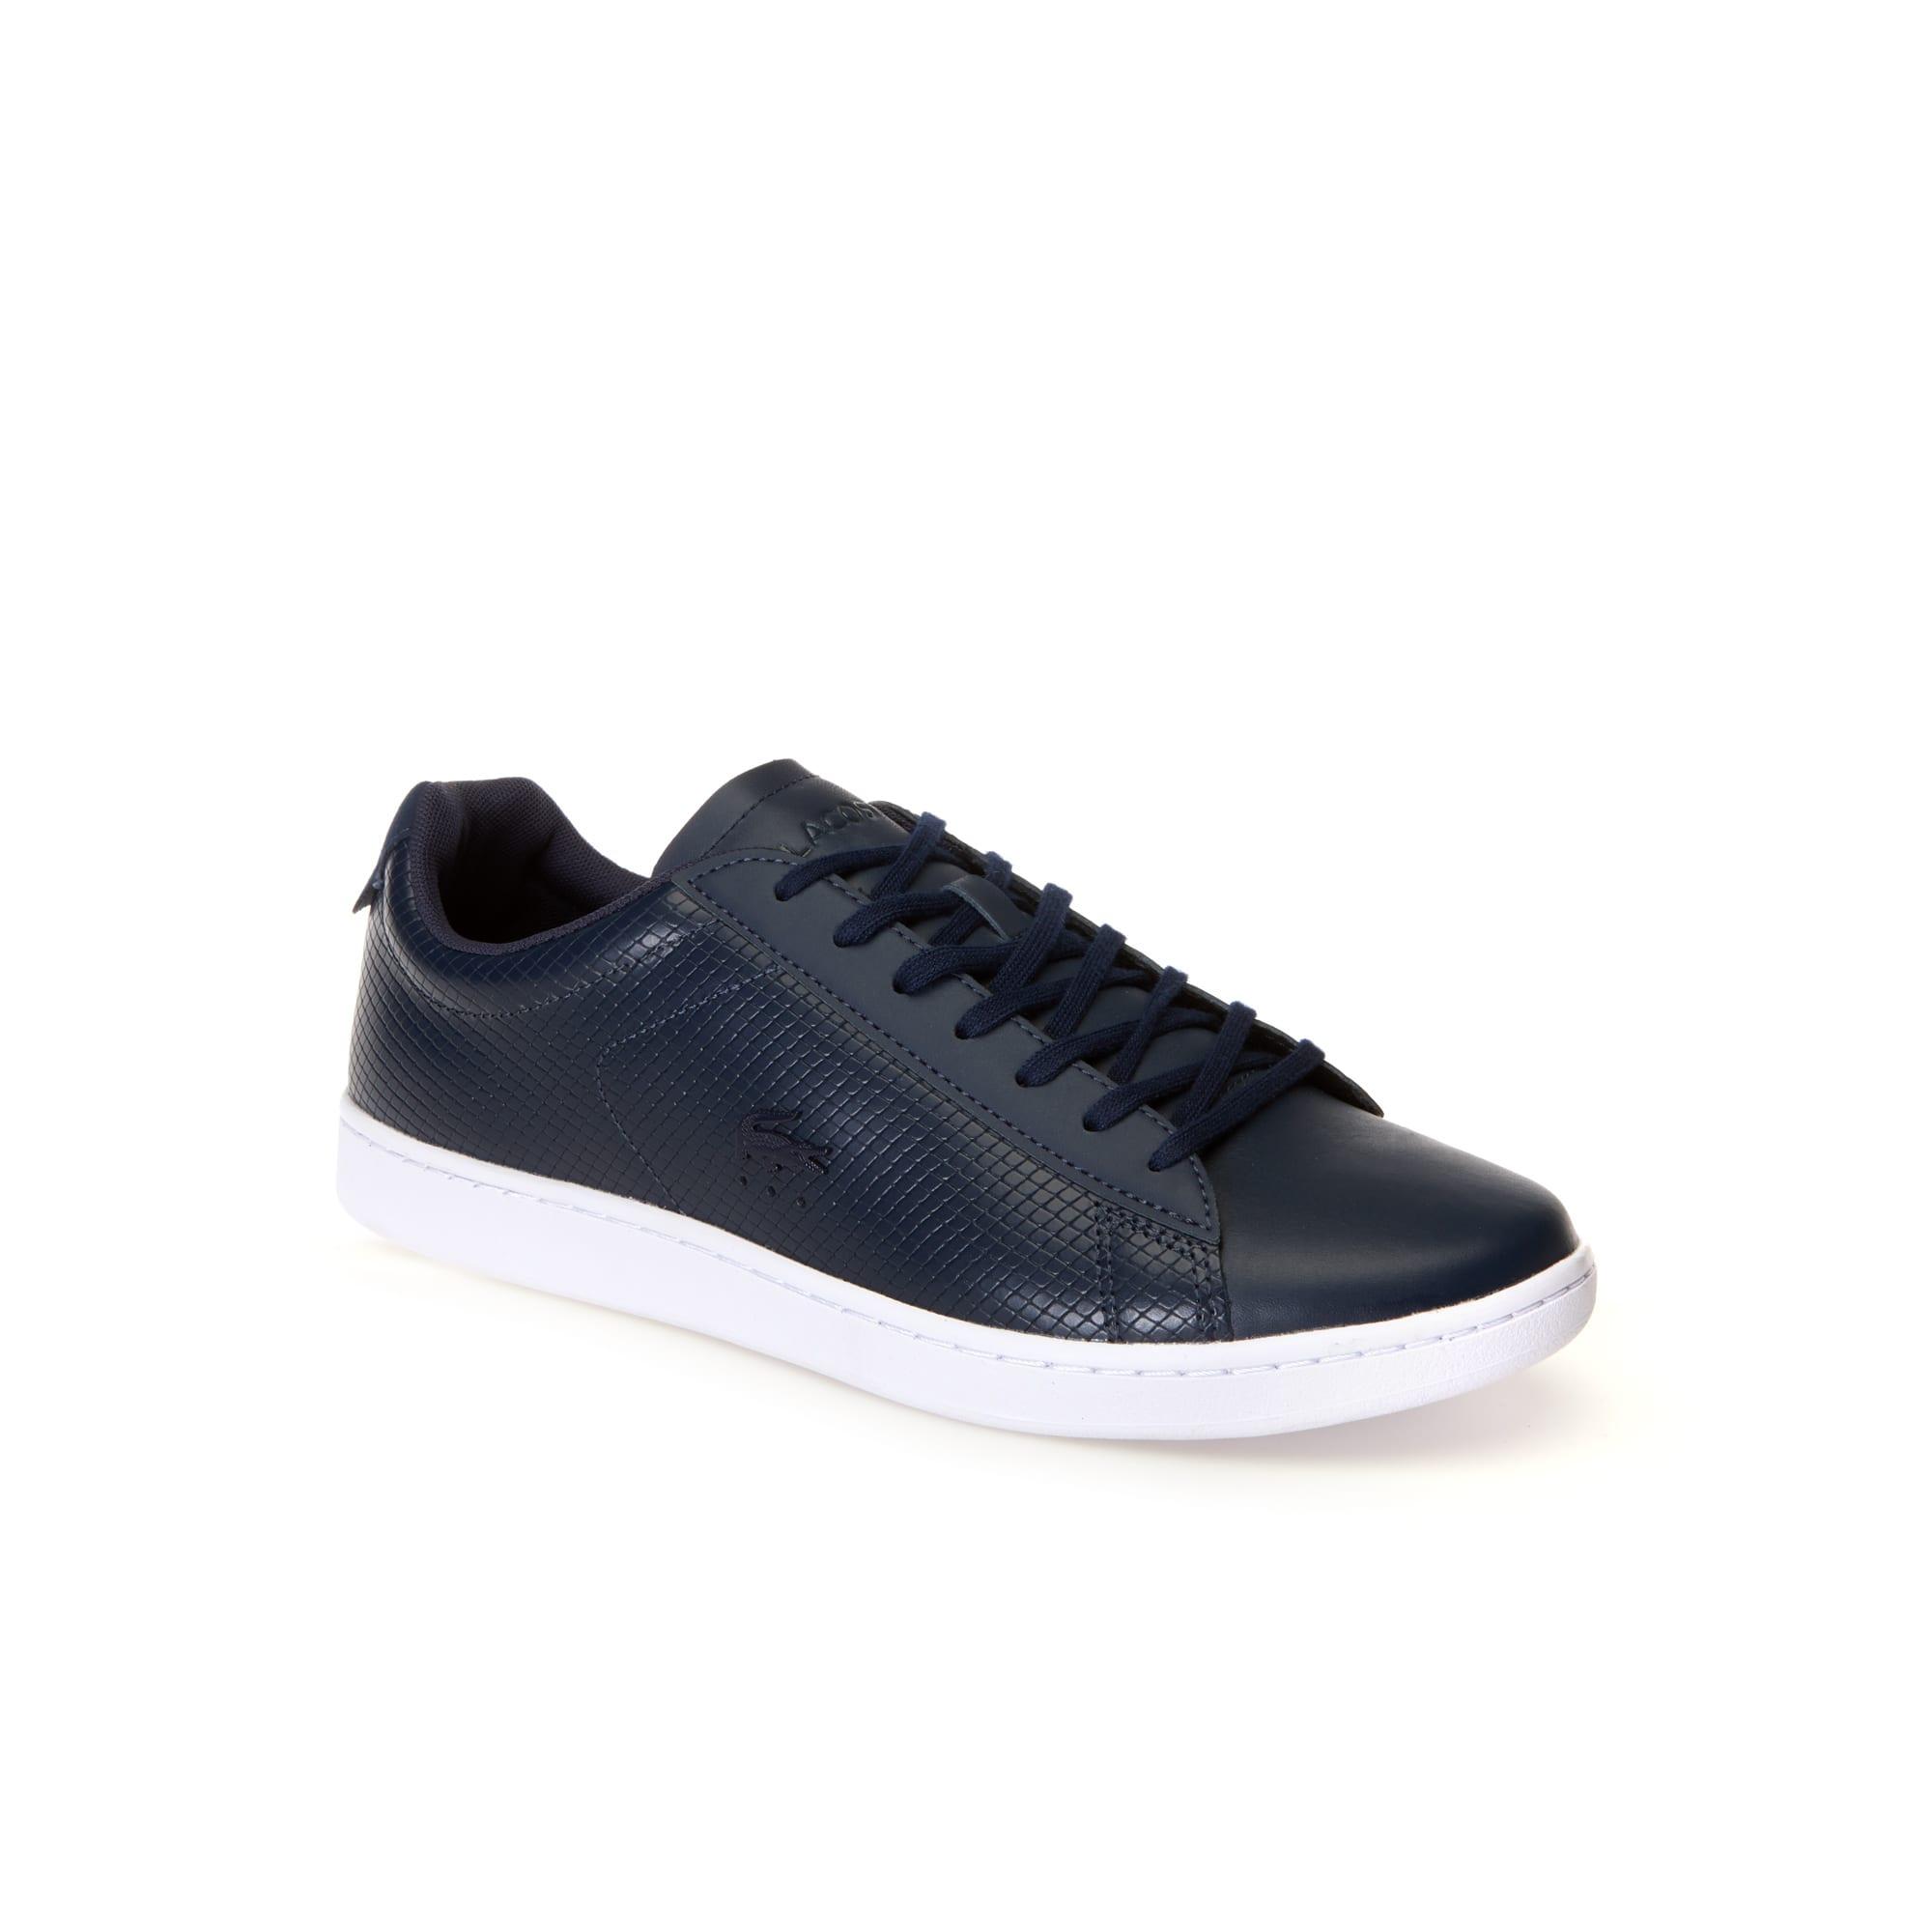 Herren-Sneakers CARNABY EVO aus strukturiertem Nappaleder